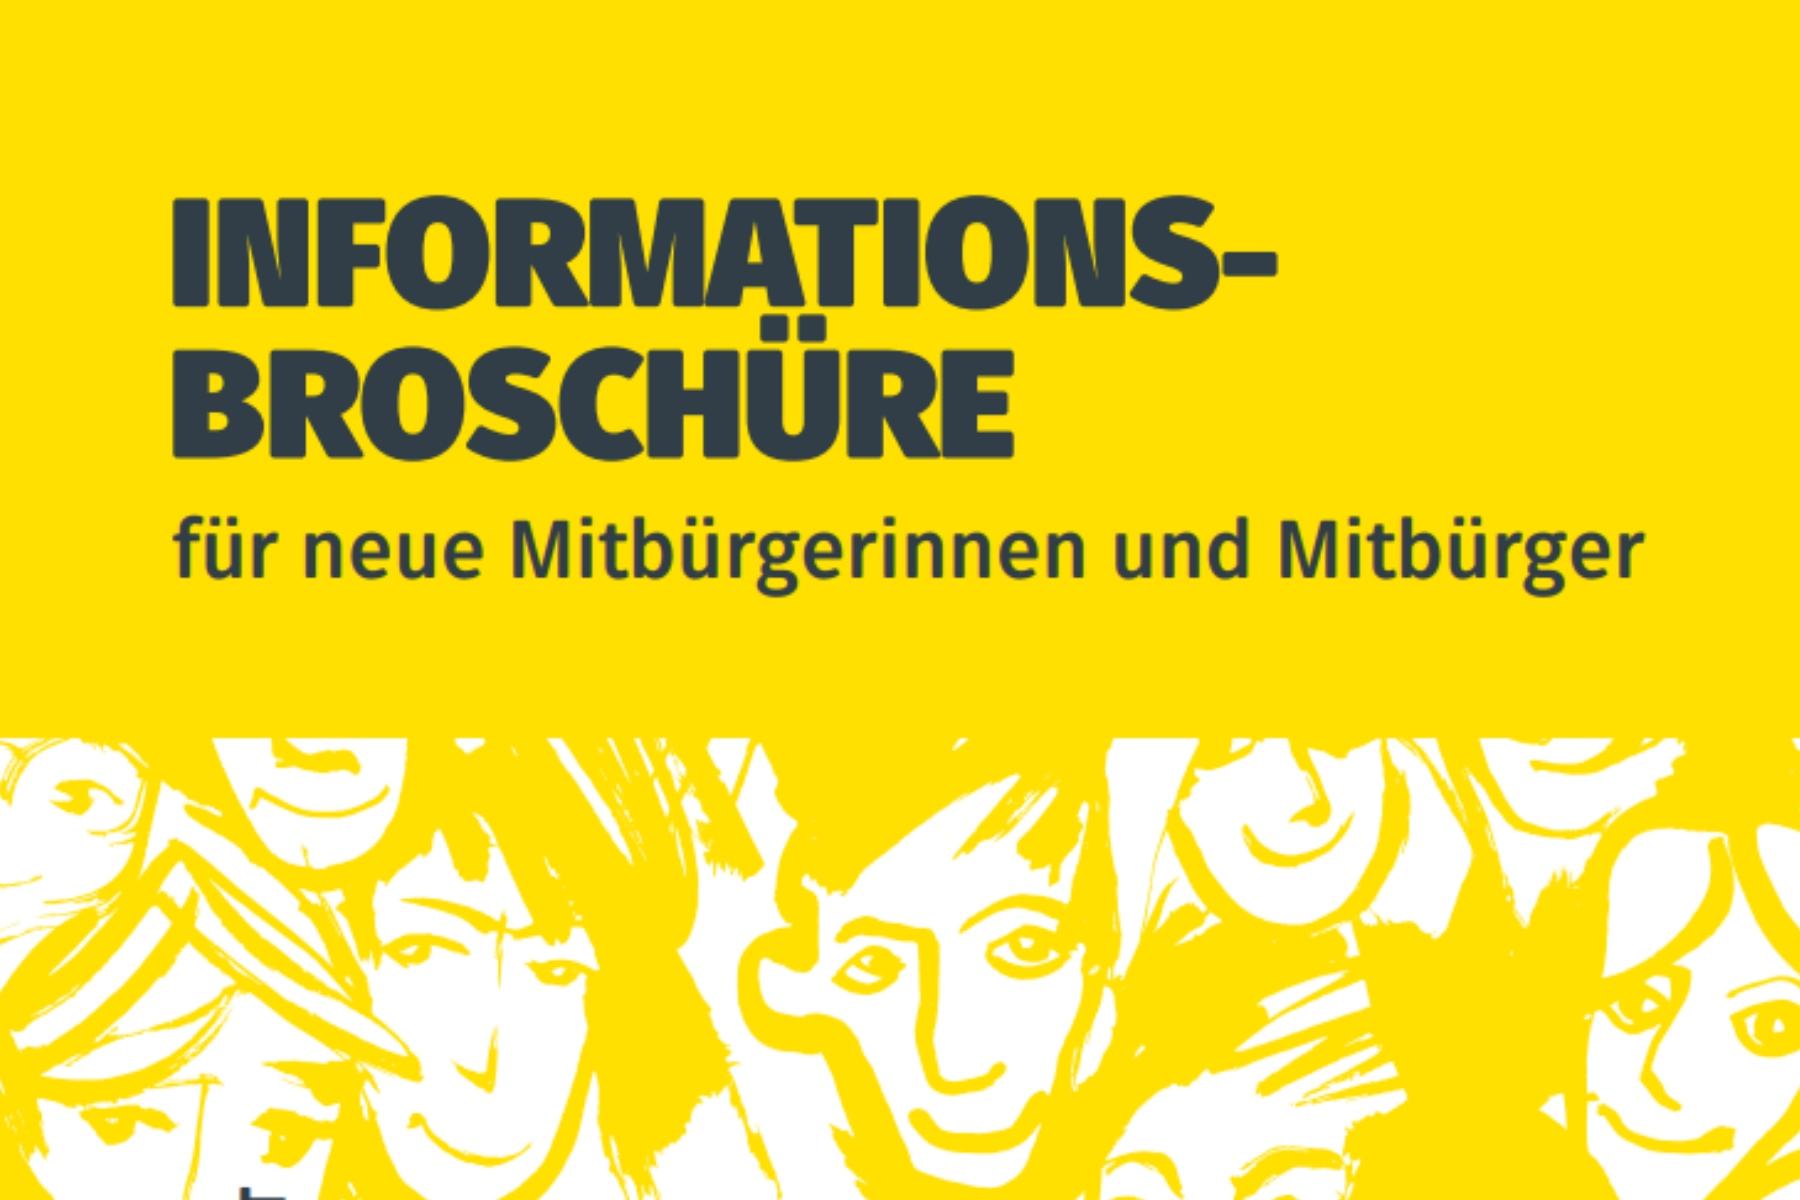 Anfrage | Informationsbroschüre für neue Mitbürgerinnen und Mitbürger